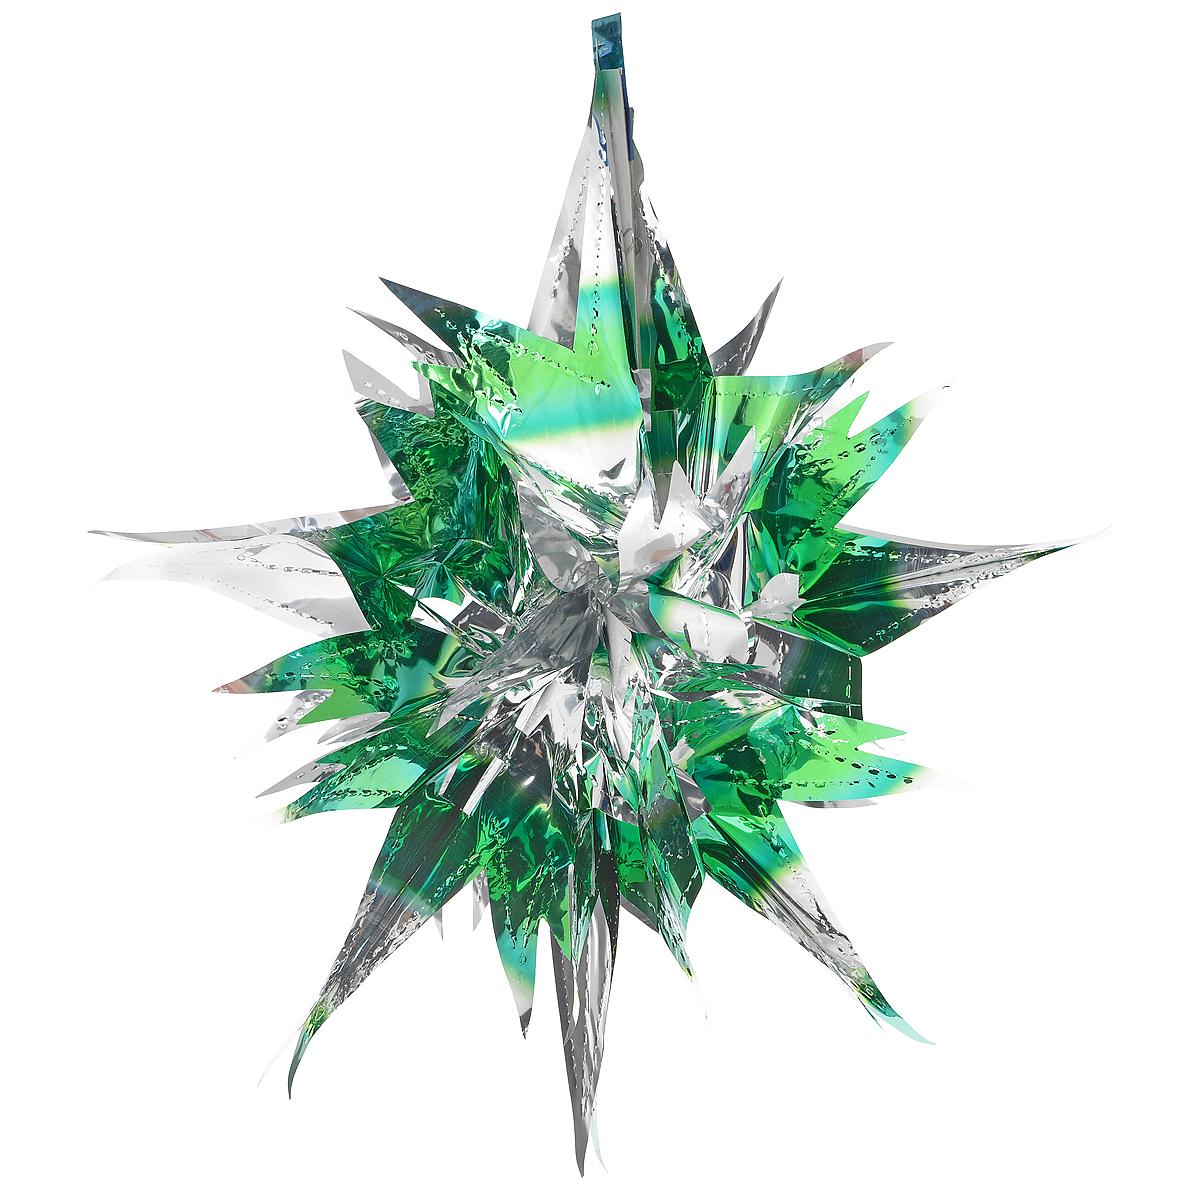 """Новогоднее украшение """"Звезда"""" отлично подойдет для декорации вашего дома и  новогодней ели. Украшение выполнено из ПВХ в форме многогранной  многоцветной звезды. С помощью специальной петельки звезду можно повесить  в любом понравившемся вам месте. Украшение легко складывается и  раскладывается благодаря металлическим кольцам.  Новогодние украшения несут в себе волшебство и красоту праздника. Они  помогут вам украсить дом к предстоящим праздникам и оживить интерьер по  вашему вкусу. Создайте в доме атмосферу тепла, веселья и радости, украшая его  всей семьей.   Коллекция декоративных украшений из серии """"Magic Time"""" принесет в ваш дом ни  с чем не сравнимое ощущение волшебства! Размер украшения (в сложенном виде): 25 см х 21,5 см."""